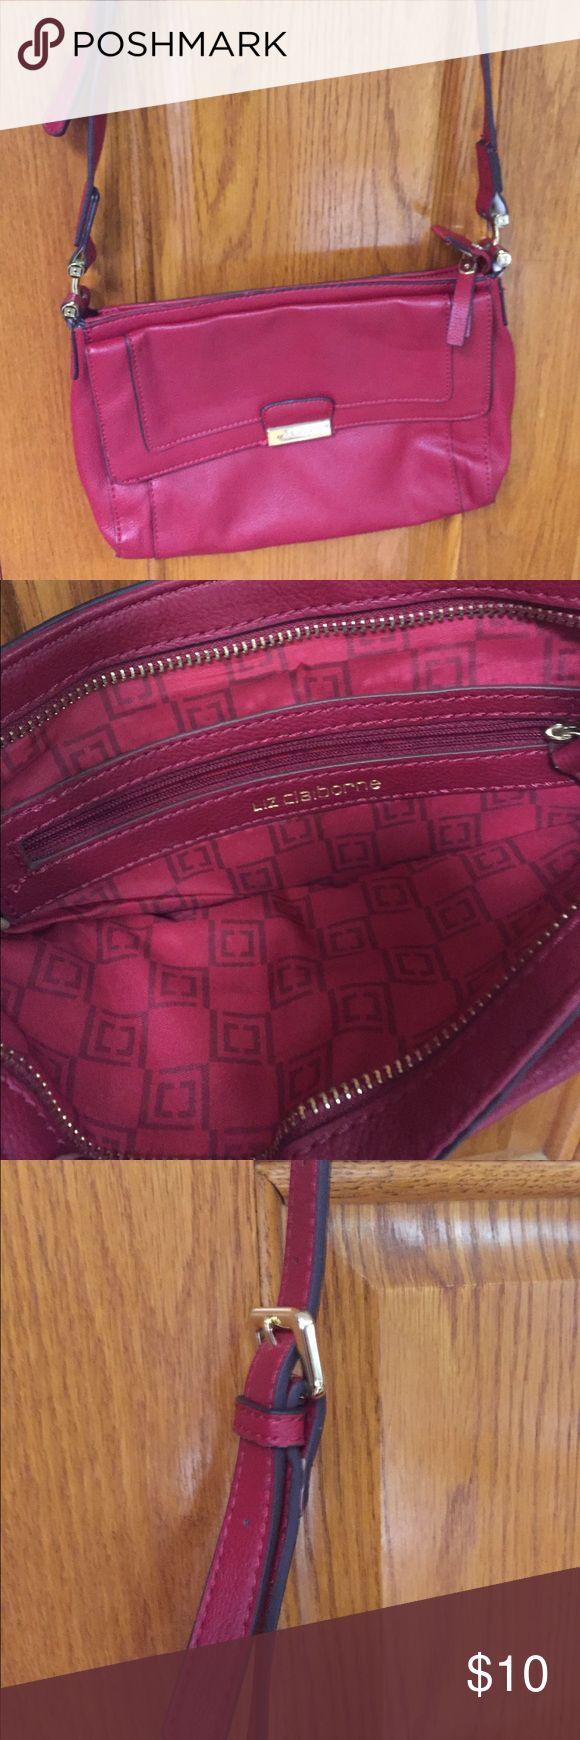 Liz Claiborne red shoulder bag Used but in good condition, red Liz Claiborne shoulder bag Liz Claiborne Bags Shoulder Bags